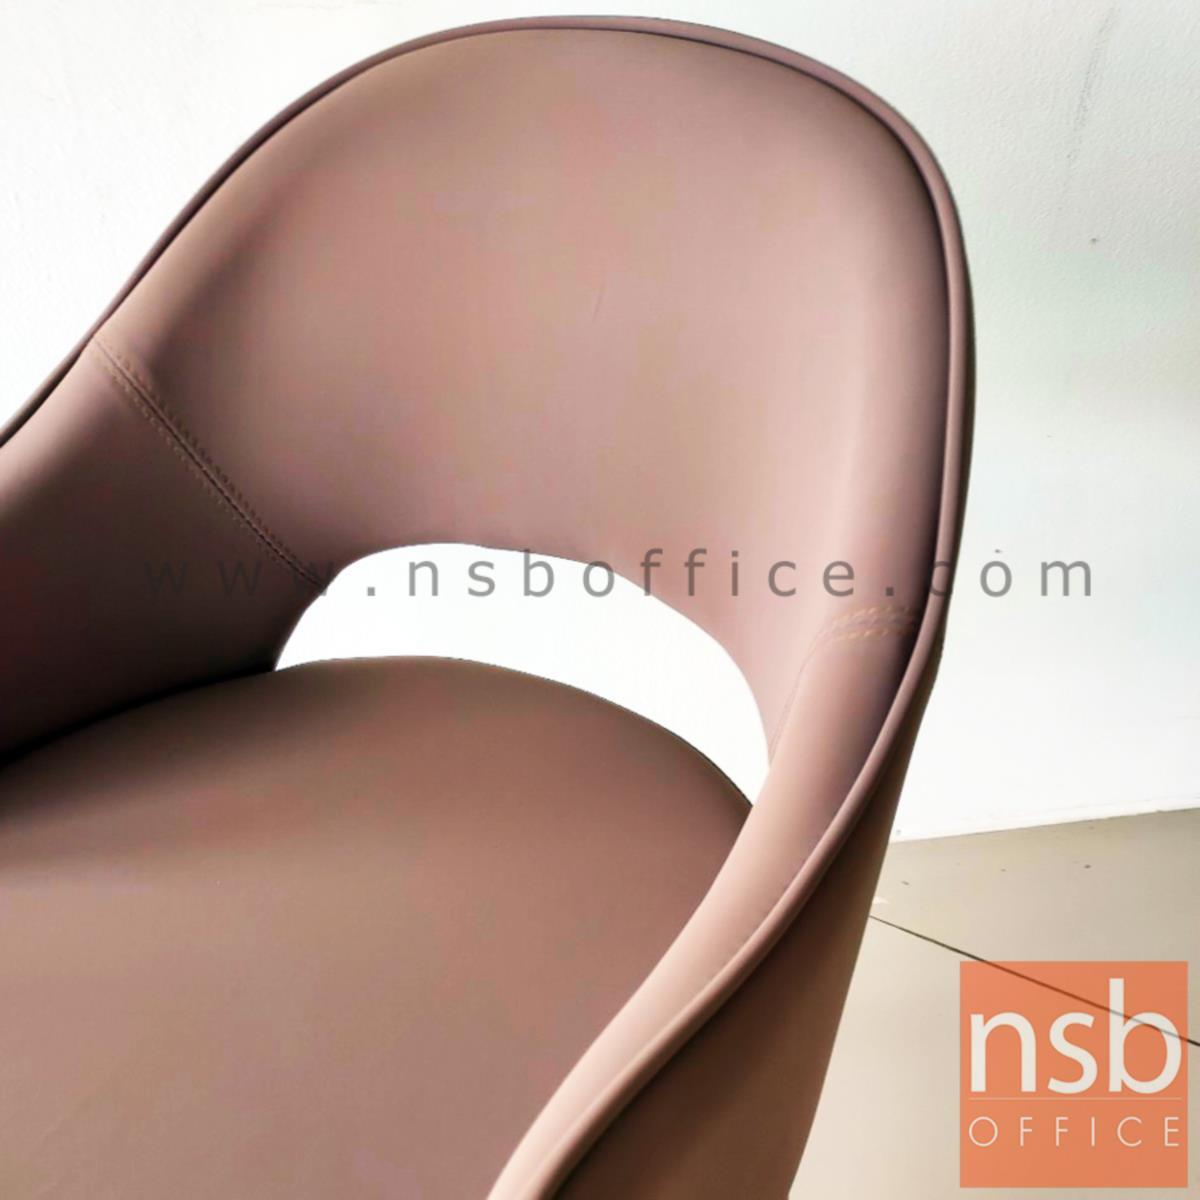 เก้าอี้โมเดิร์นหุ้มหนัง รุ่น Venice (เวนิส)  หลังโอบ ขาเหล็กปลายขาสีทอง